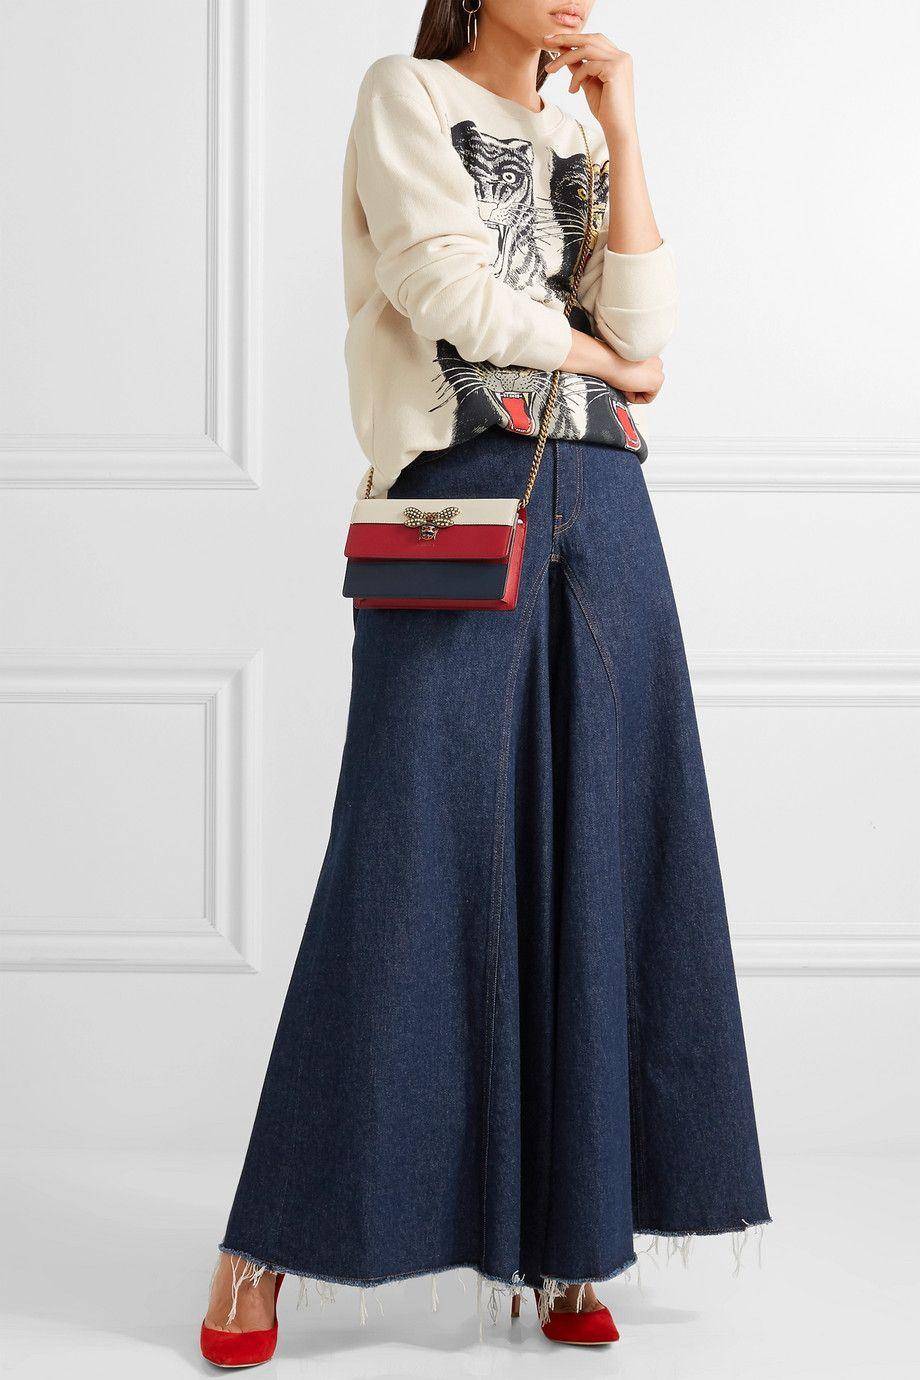 00f84d14315 Queen Margaret embellished leather shoulder bag  fashion  pandafashion   clutch  gucci